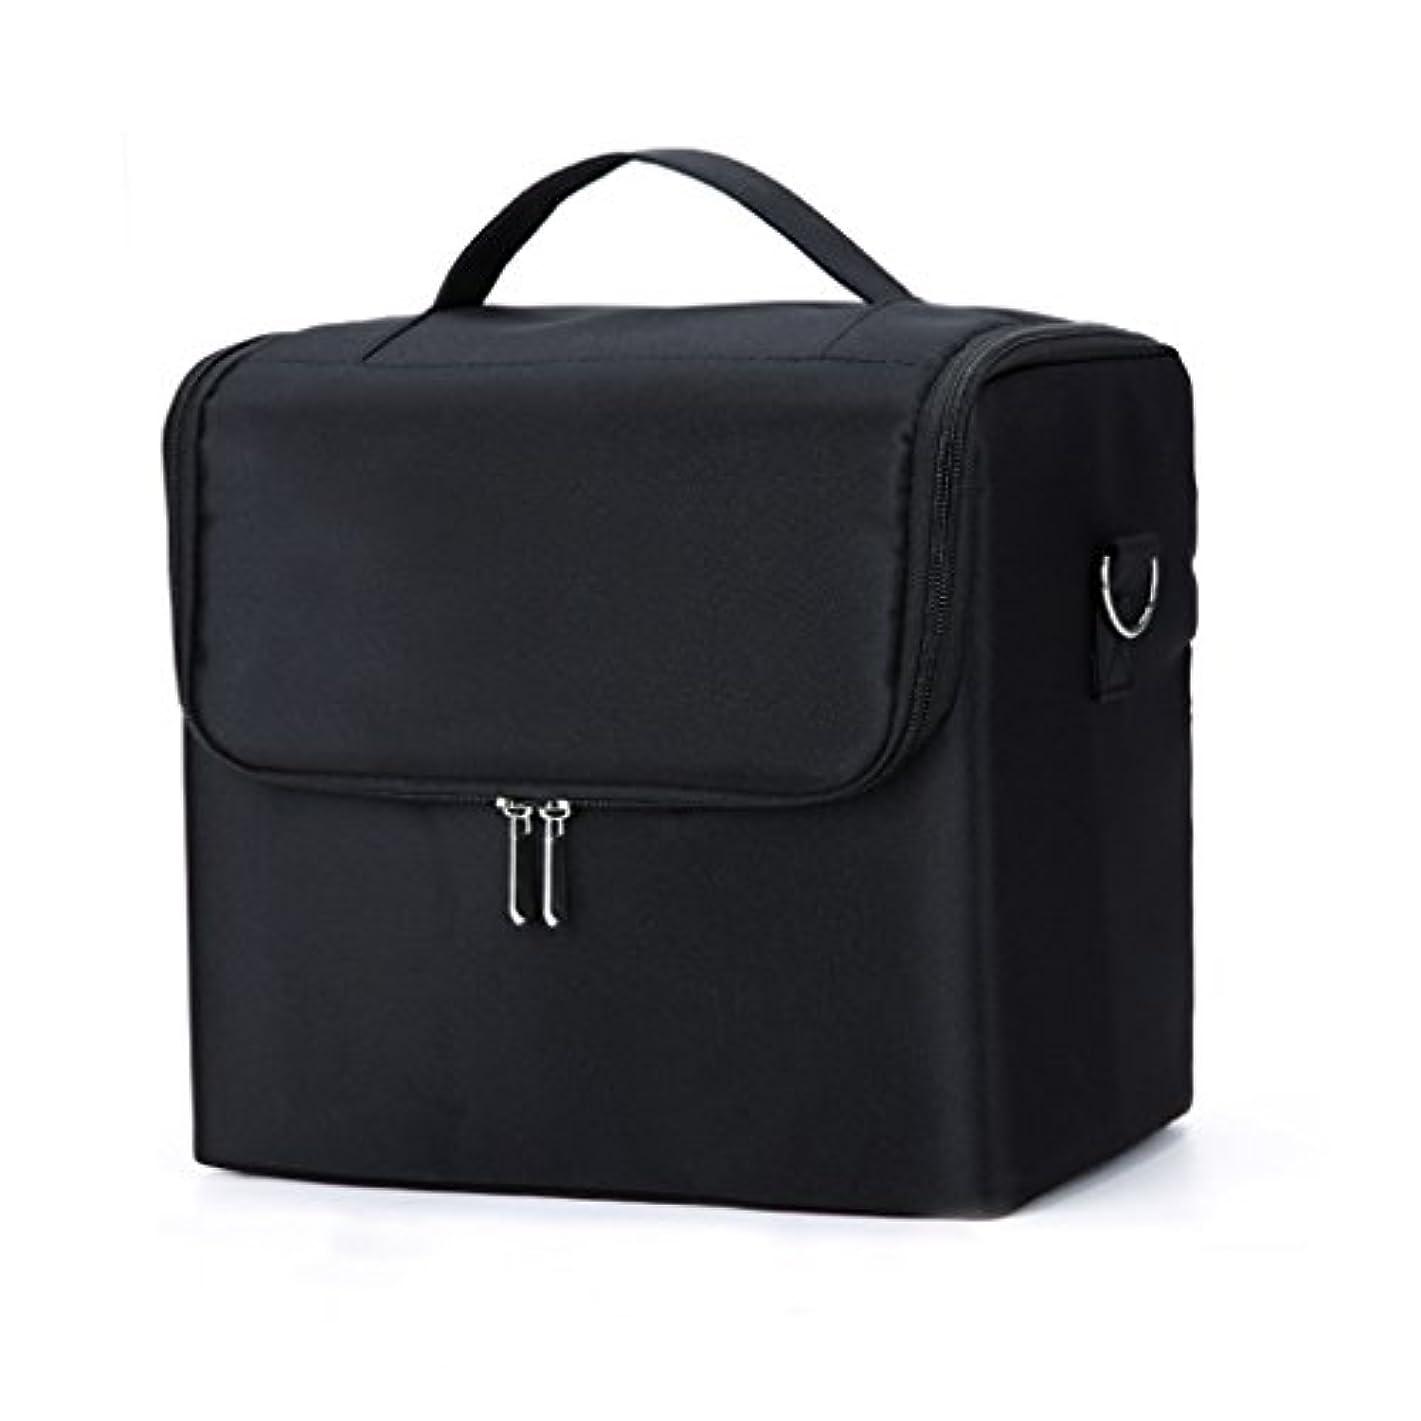 王子レッスン子音ポータブルファブリックメークアップケースプロフェッショナル化粧ケース多機能ブラシネイルメイクアップアーティストストレージバッグ